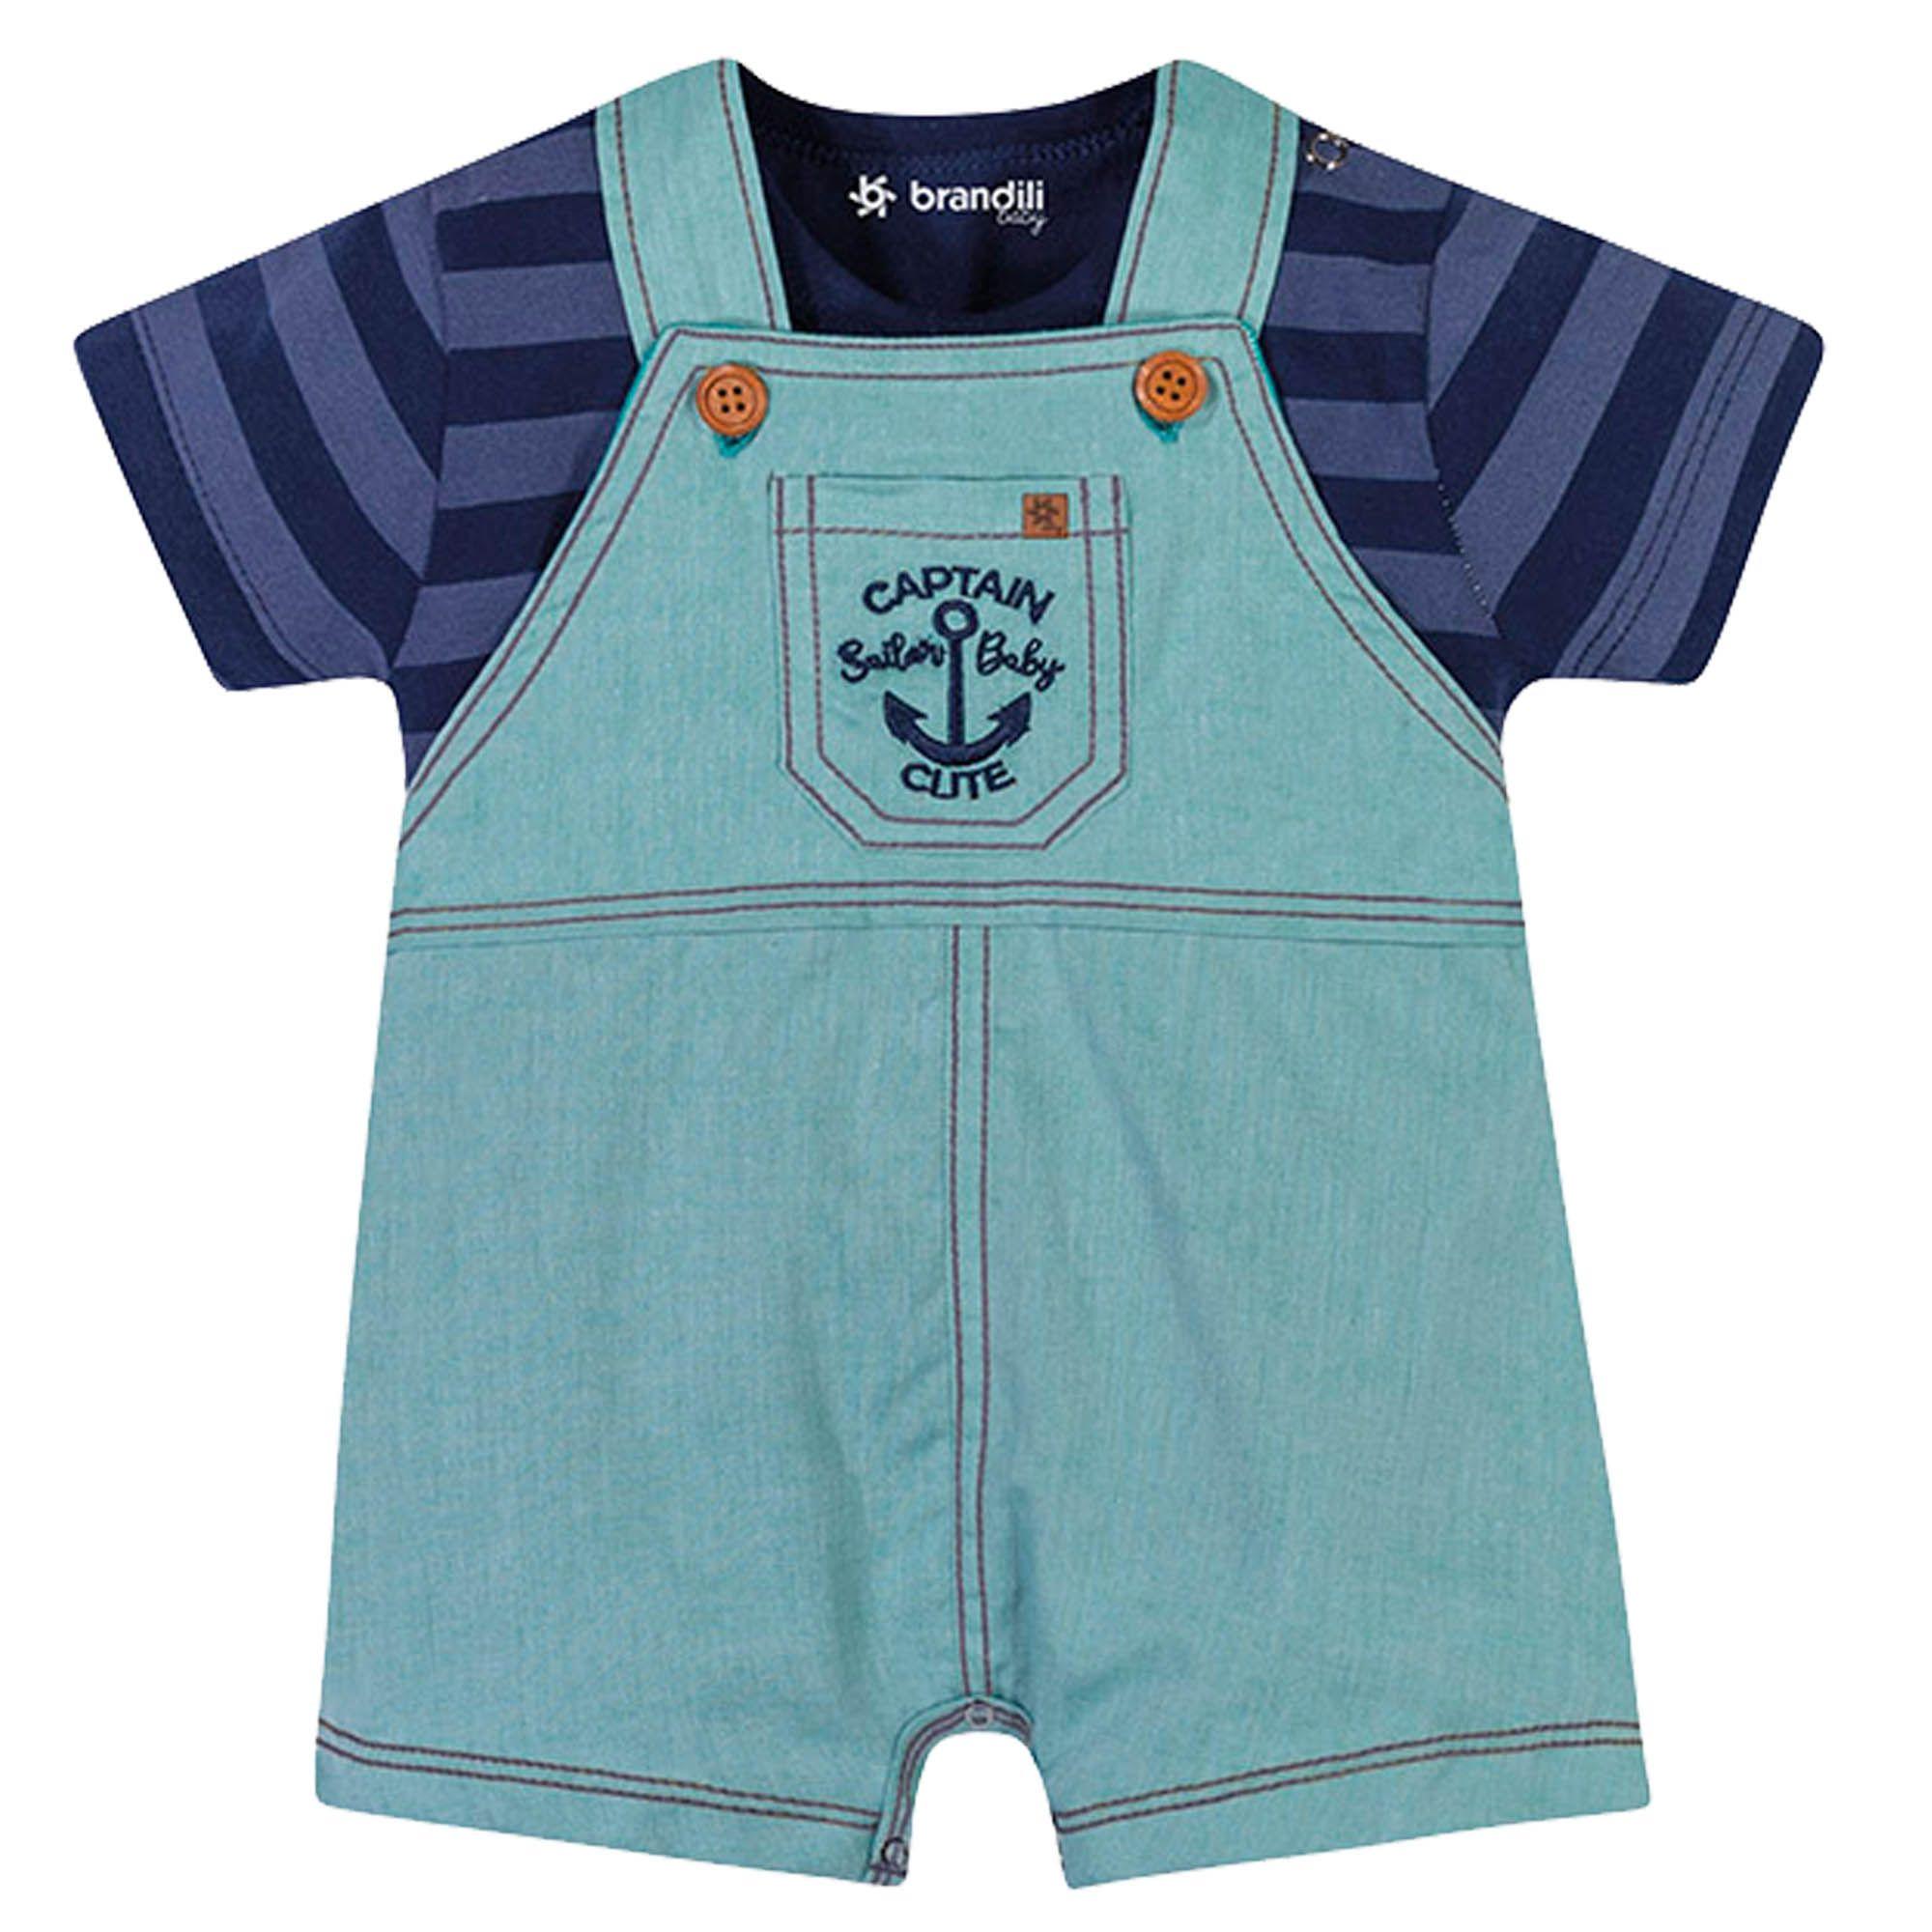 Conjunto Verão Brandili Baby Jardineira Captain Sailor Baby Cute - 1 ao 3